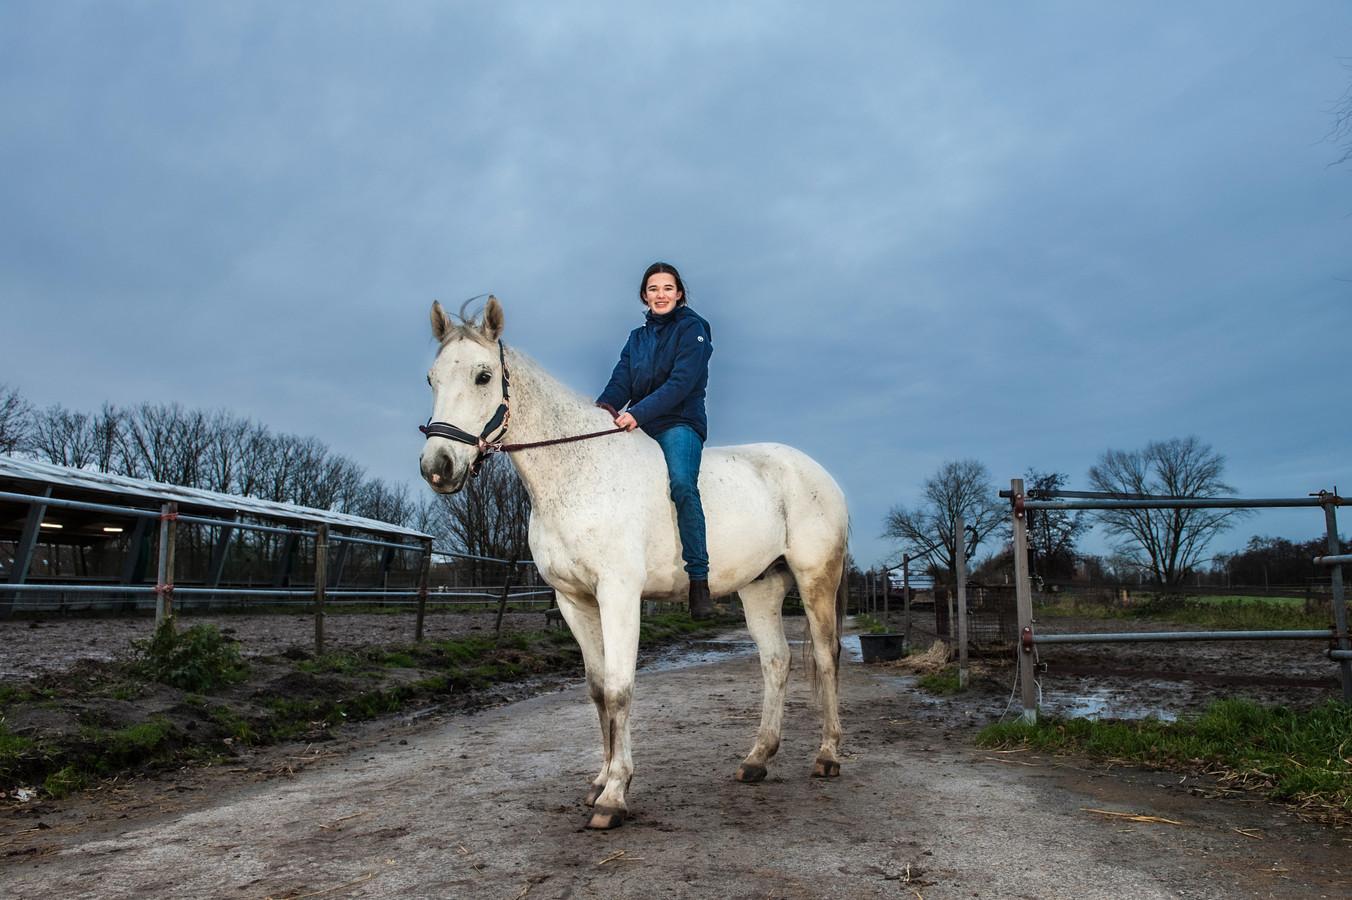 Myrthe de Pont viel afgelopen zondag met haar pony Blitz in de sloot. Met maar liefst 16 hulpverleners kregen ze de pony weer op het droge.Myrthe nog even zonder cap en zadel op Blitz, die waren nog niet droog na de plons.